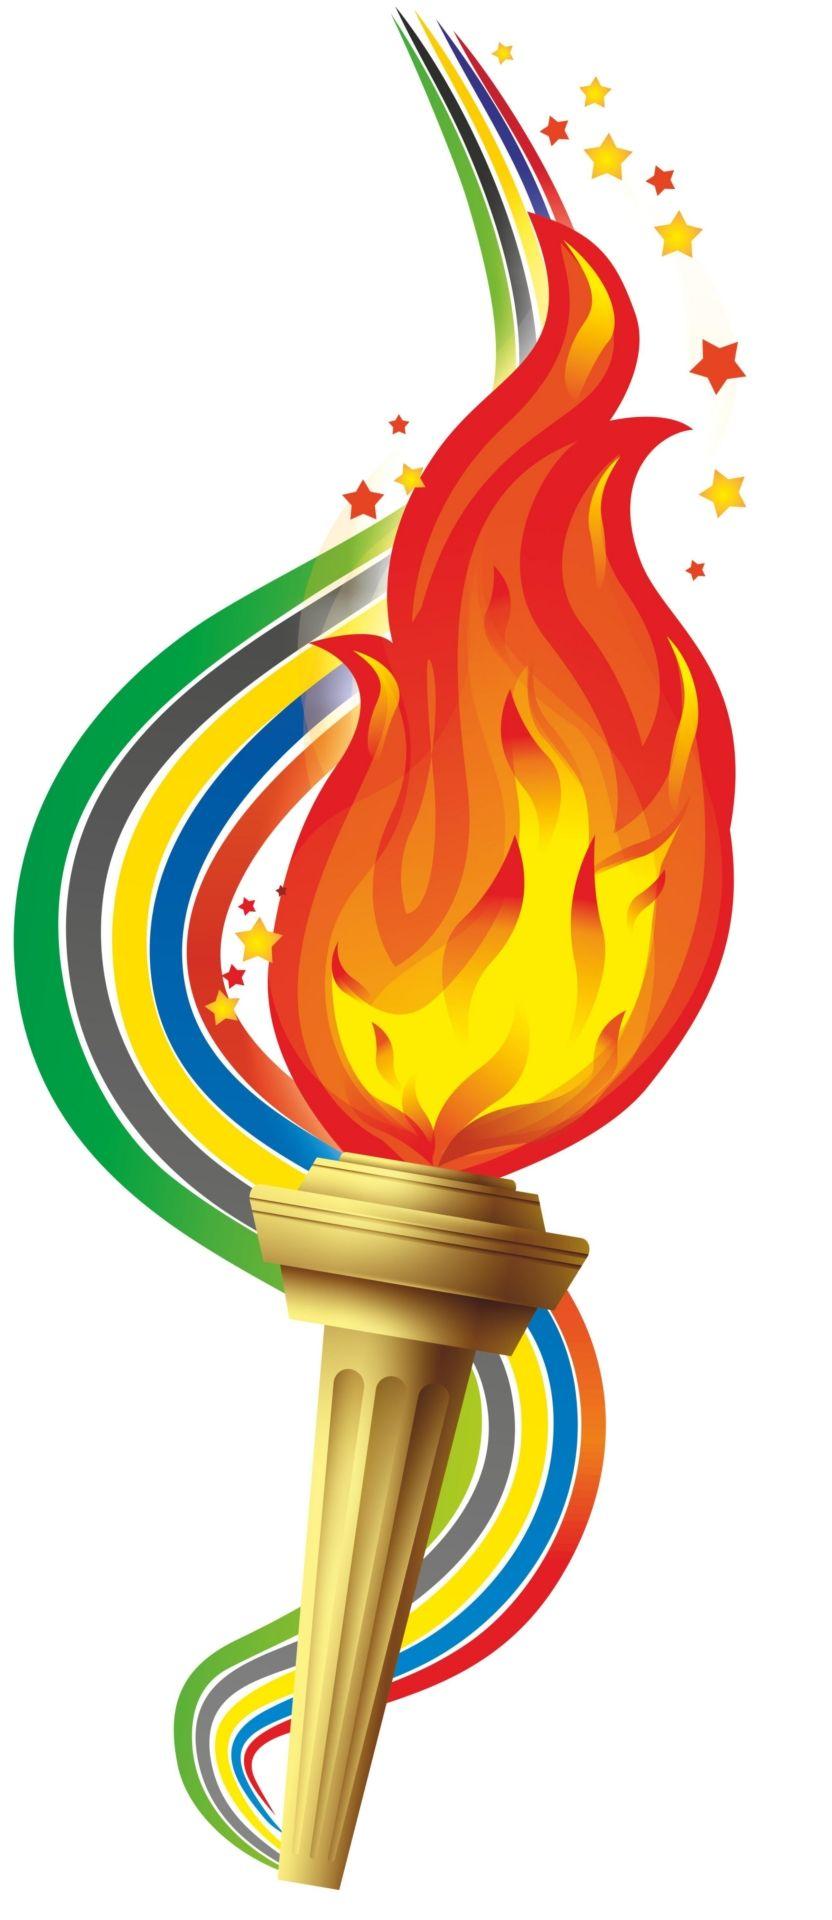 Плакат вырубной Олимпийский огонь: 208х506 ммВырубные фигуры<br>.<br><br>Год: 2018<br>Серия: Вырубные фигуры для оформления<br>Высота: 506<br>Ширина: 208<br>Переплёт: набор